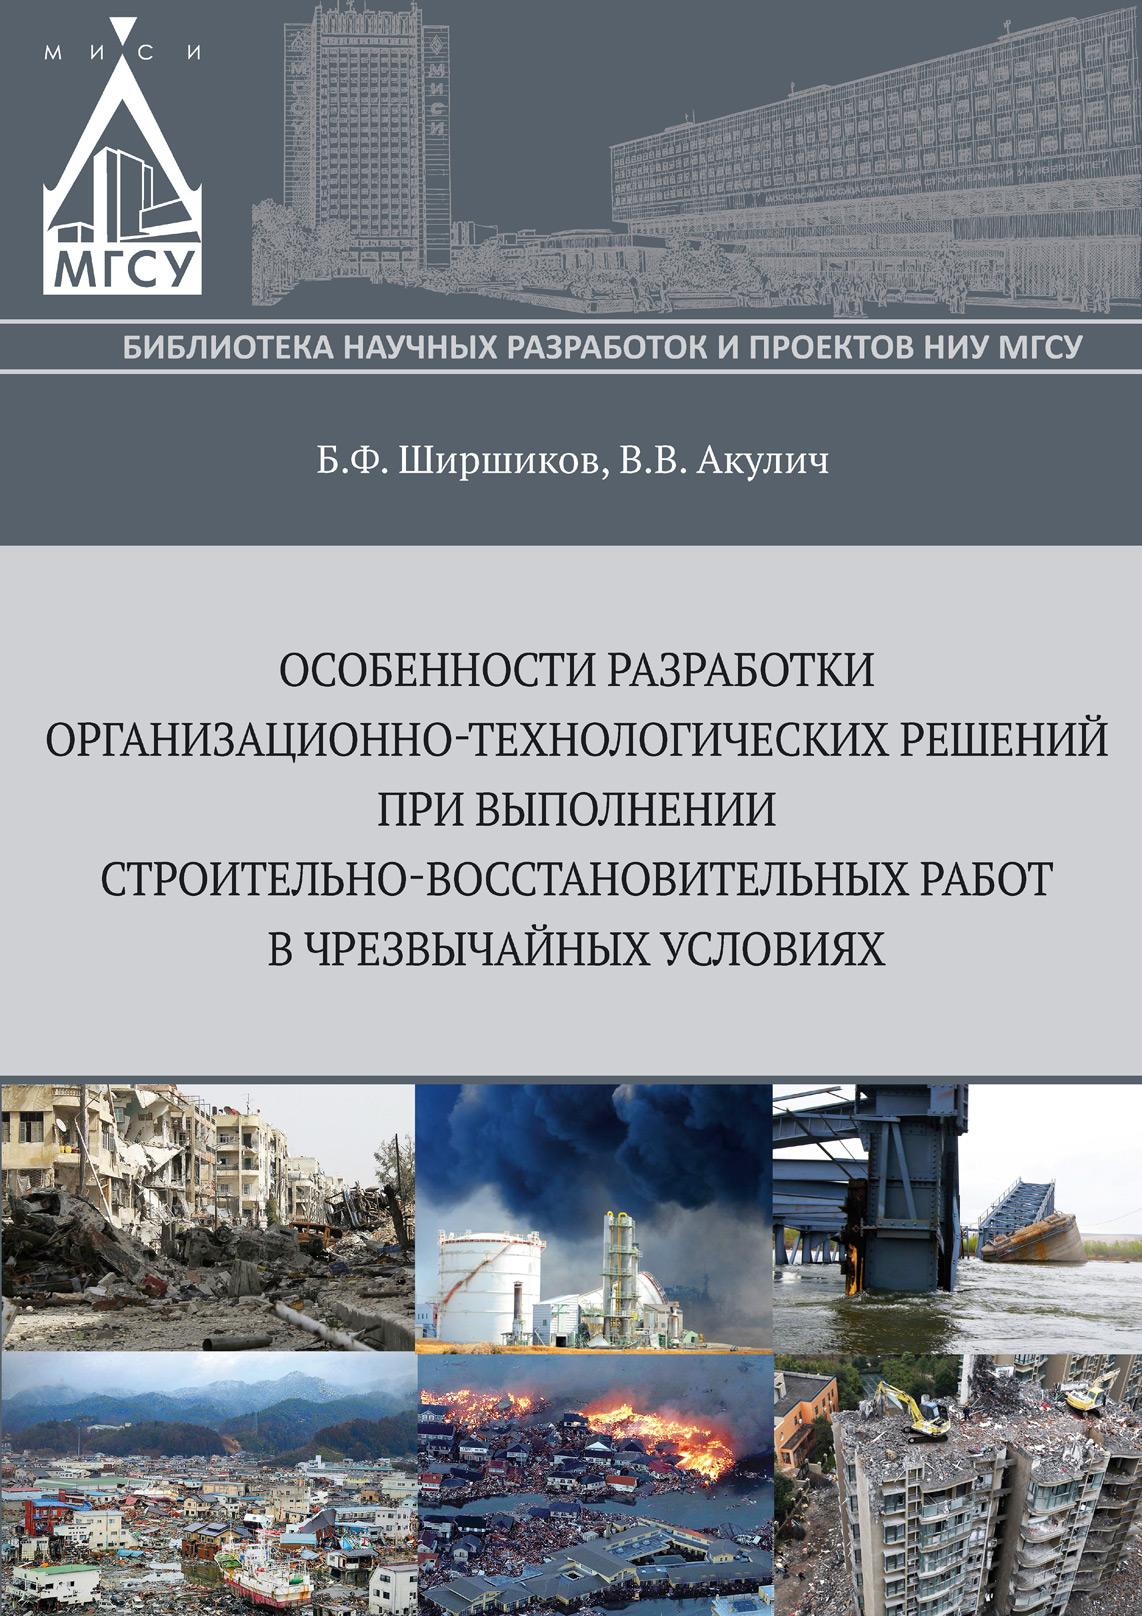 Б. Ф. Ширшиков Особенности разработки организационно-технологических решений при выполнении строительно-восстановительных работ в чрезвычайных ситуациях